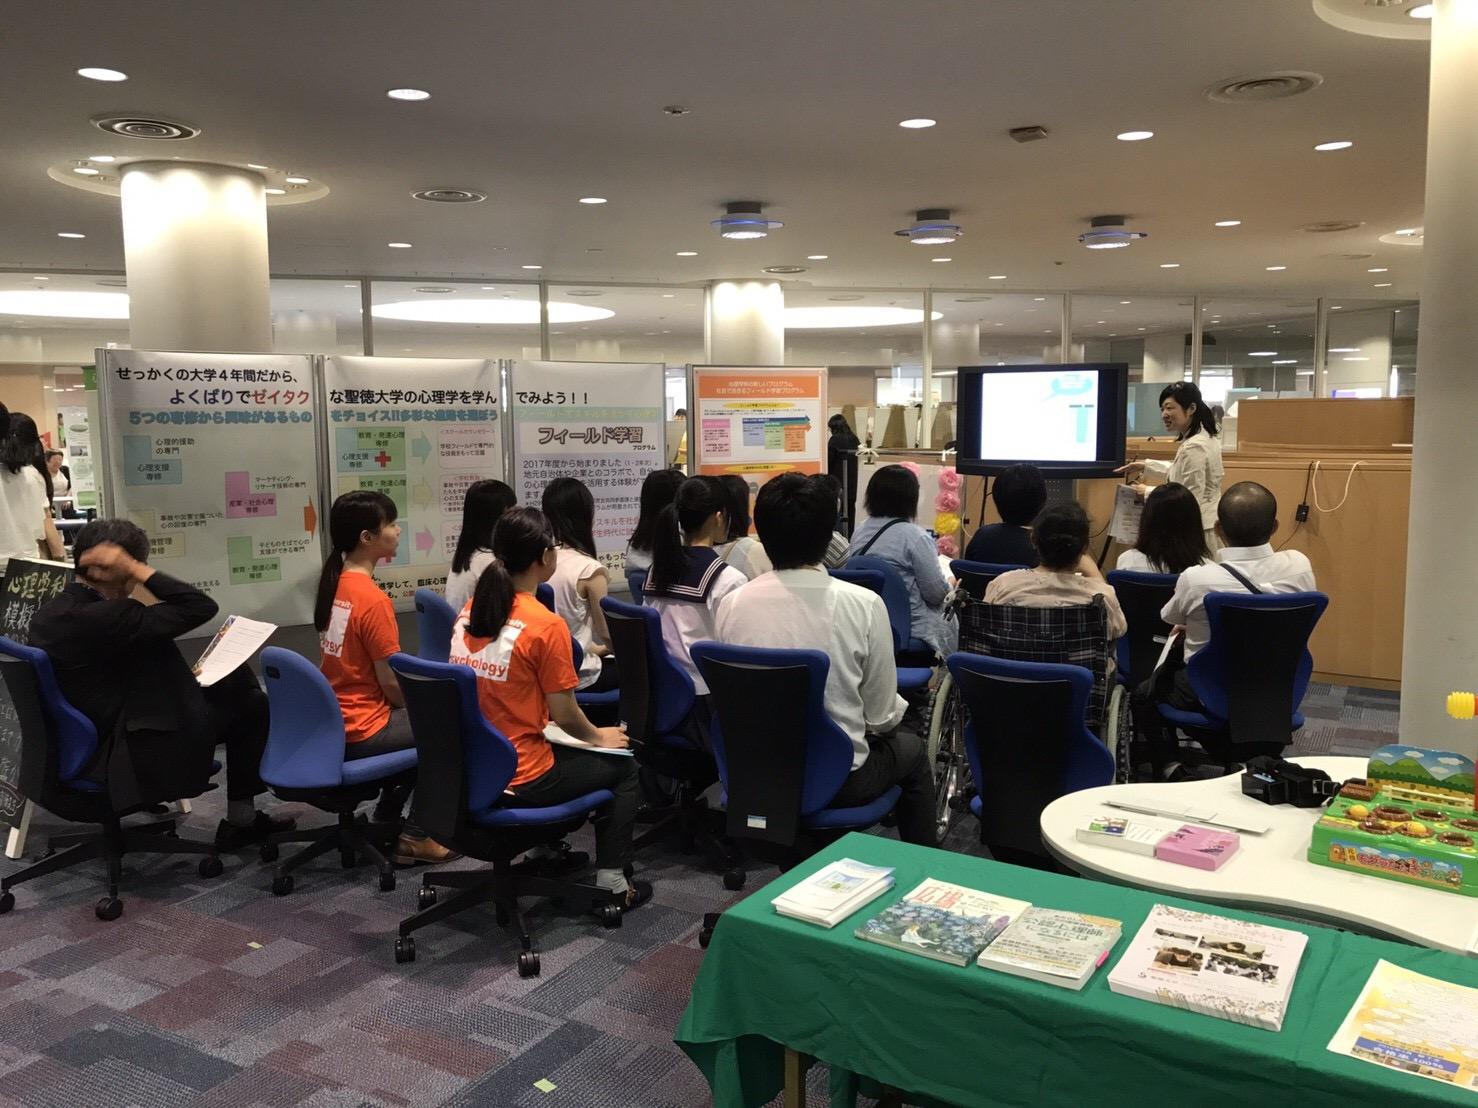 7月22日に夢ナビライブ(@東京ビックサイト)&7月23日にオープンキャンパス(@聖徳大学)が開催されます。